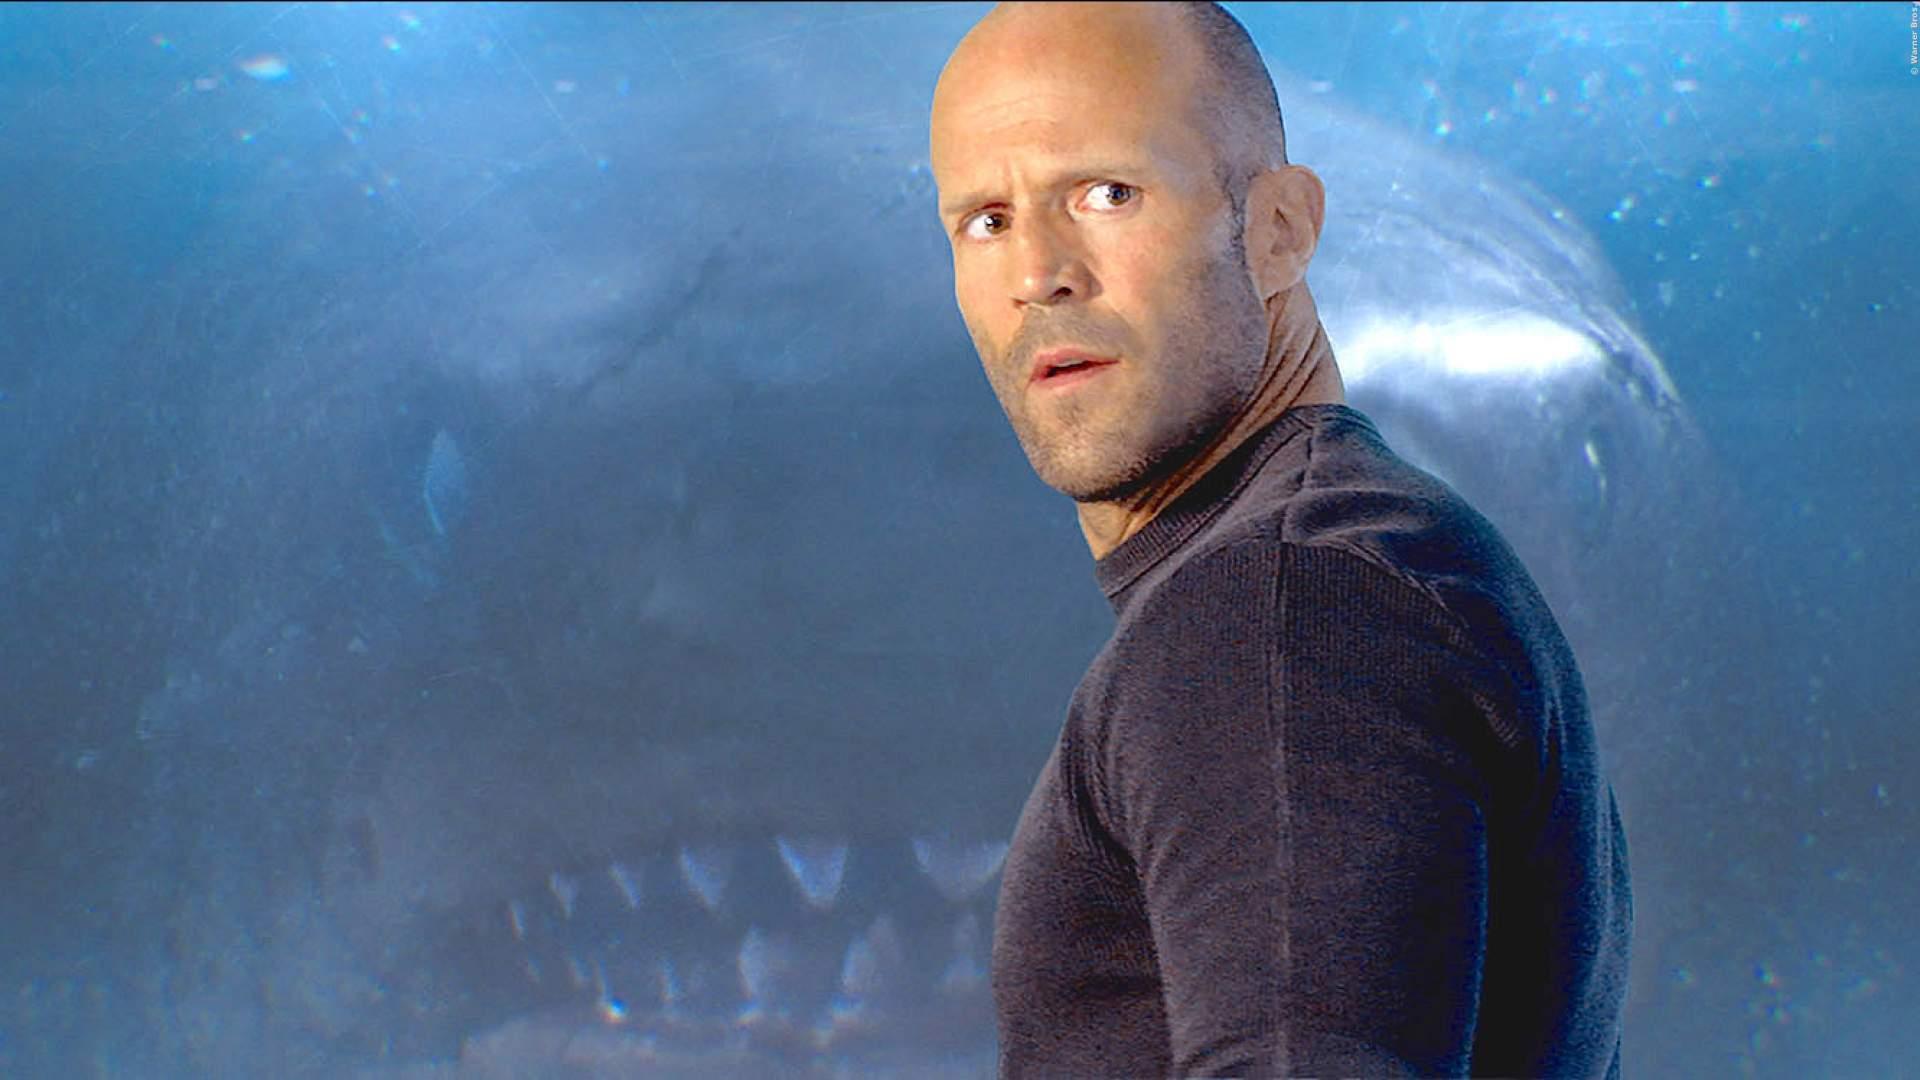 Meg Erste Kritiken Zum Jason Statham Film Trailerseite Filmtv